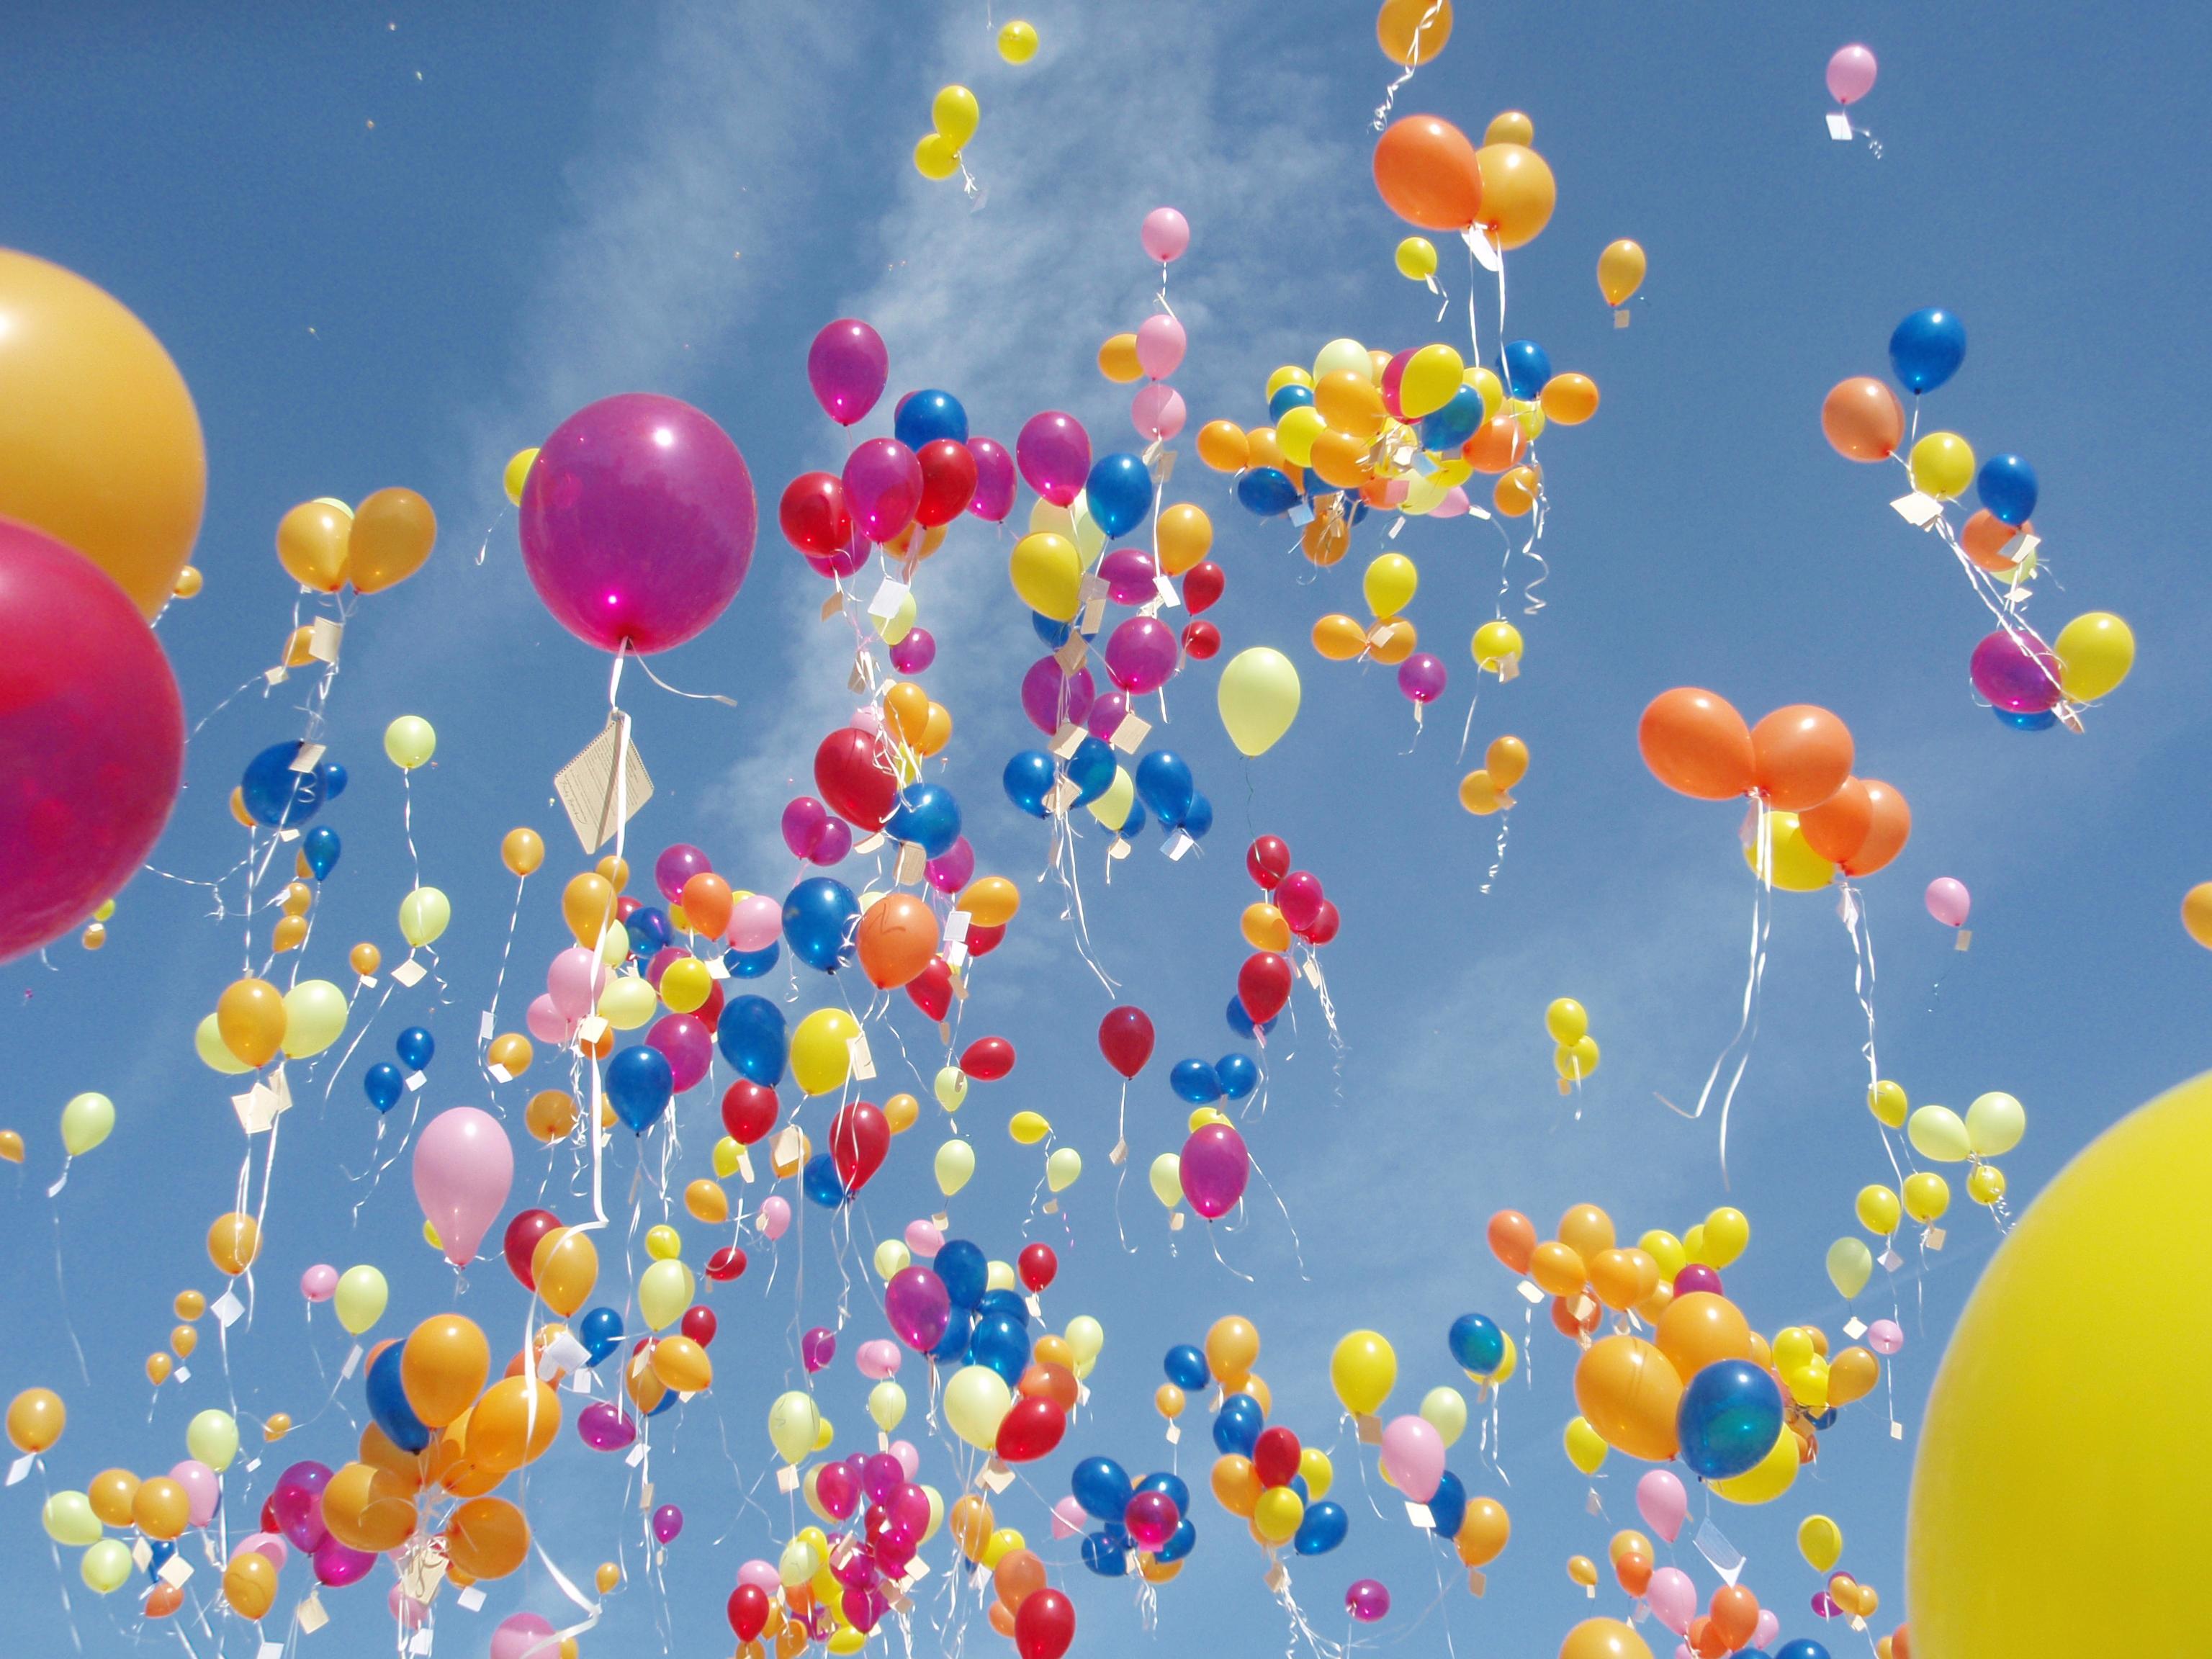 Balloons by Cajun497